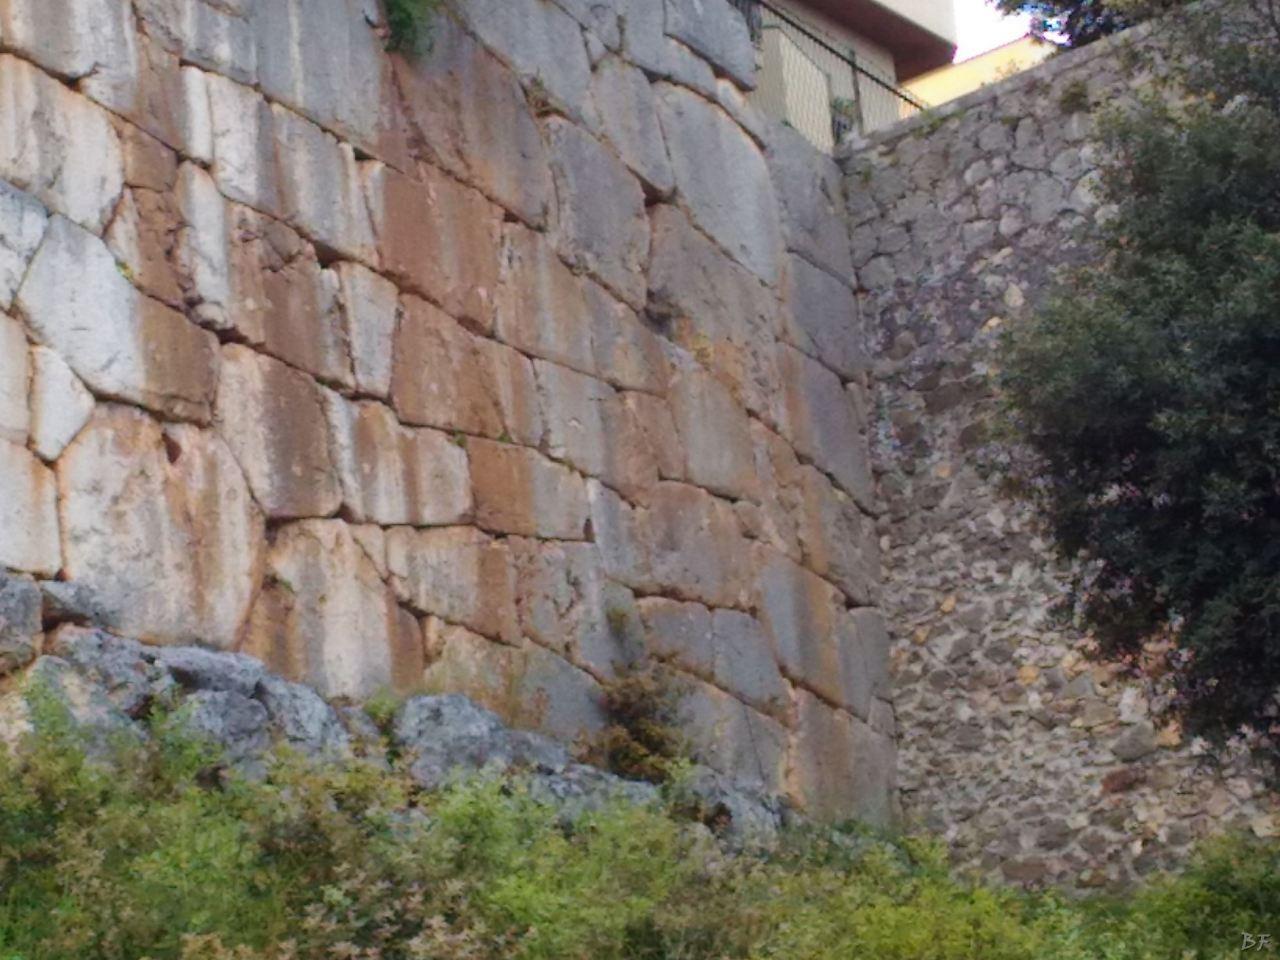 Cora-Mura-Poligonali-Megalitiche-Cori-Latina-Lazio-Italia-12